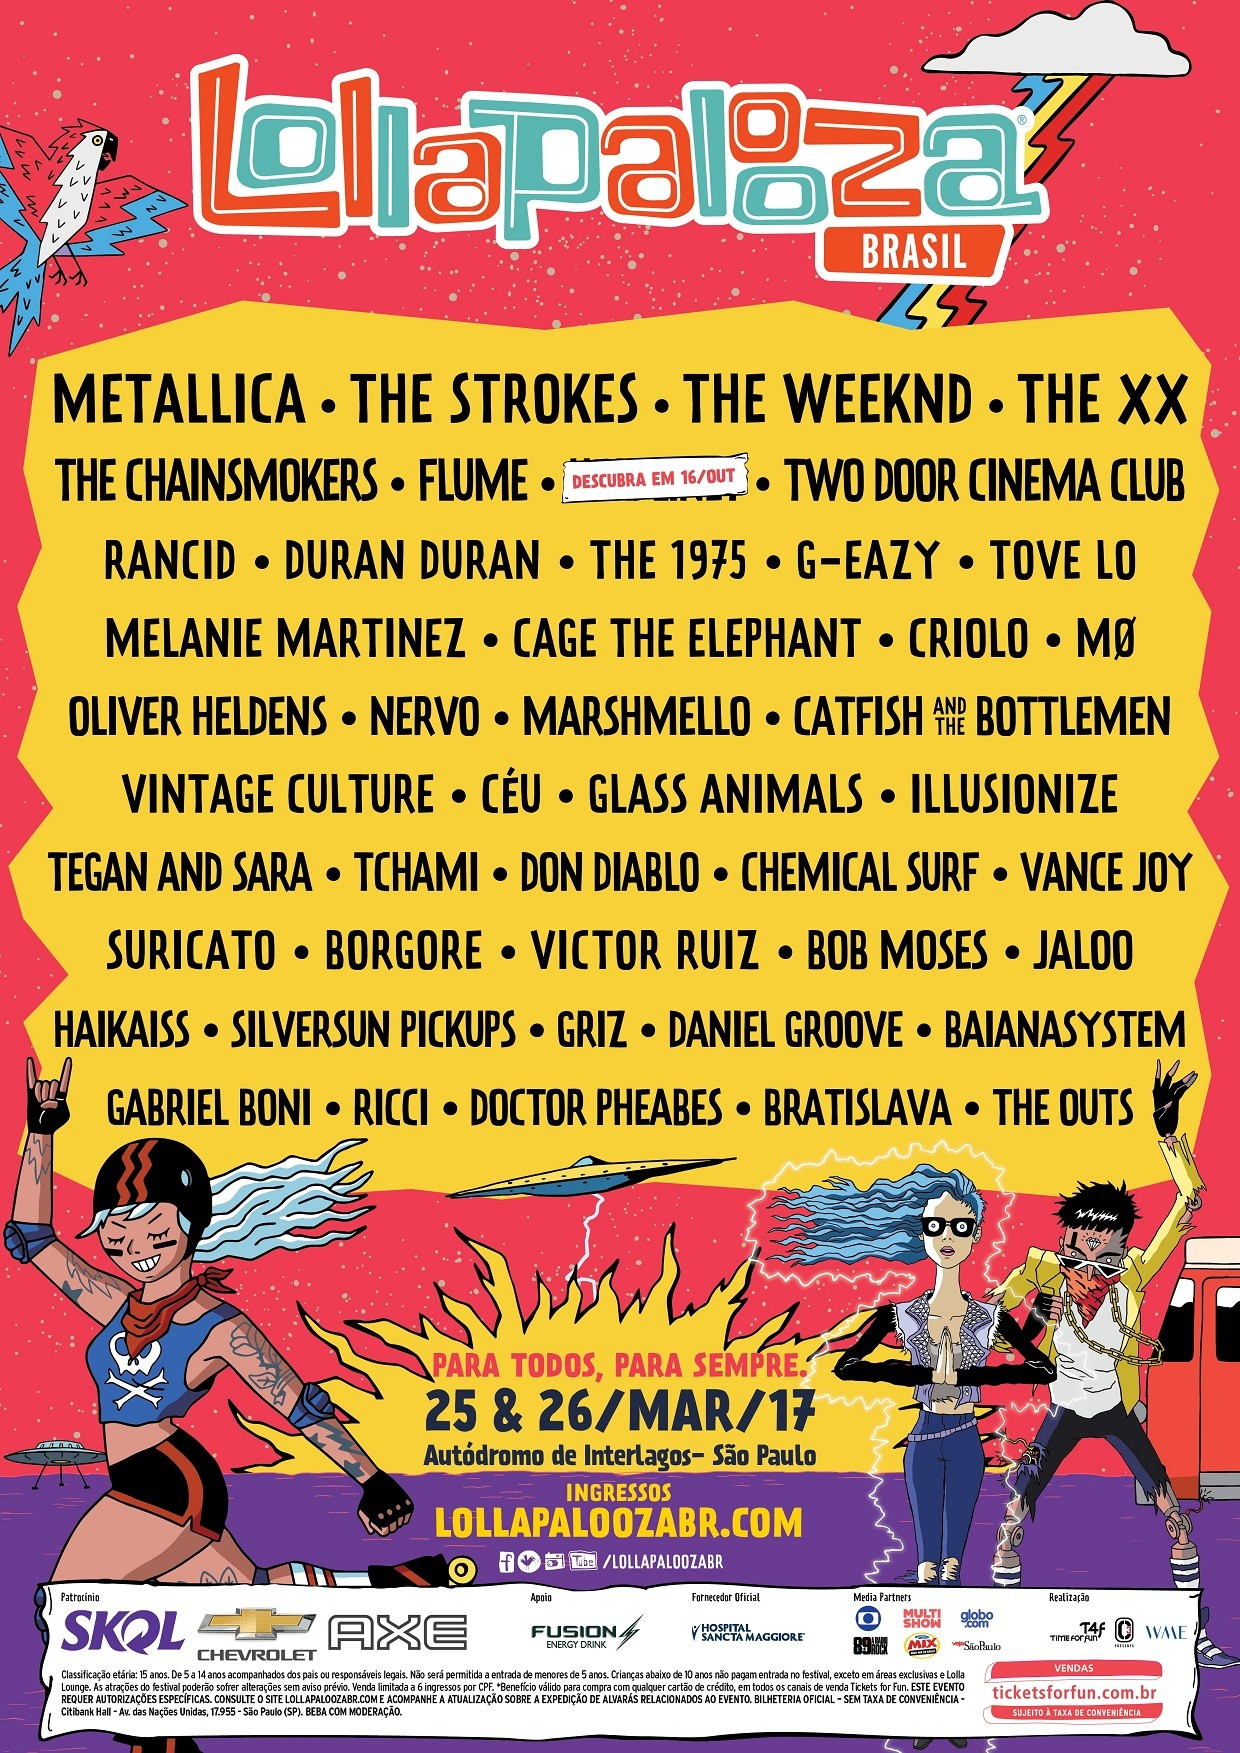 Line up do Lollapalooza Brasil 2017 foi anunciado nesta quarta-feira (28) (Foto: Divulgao)